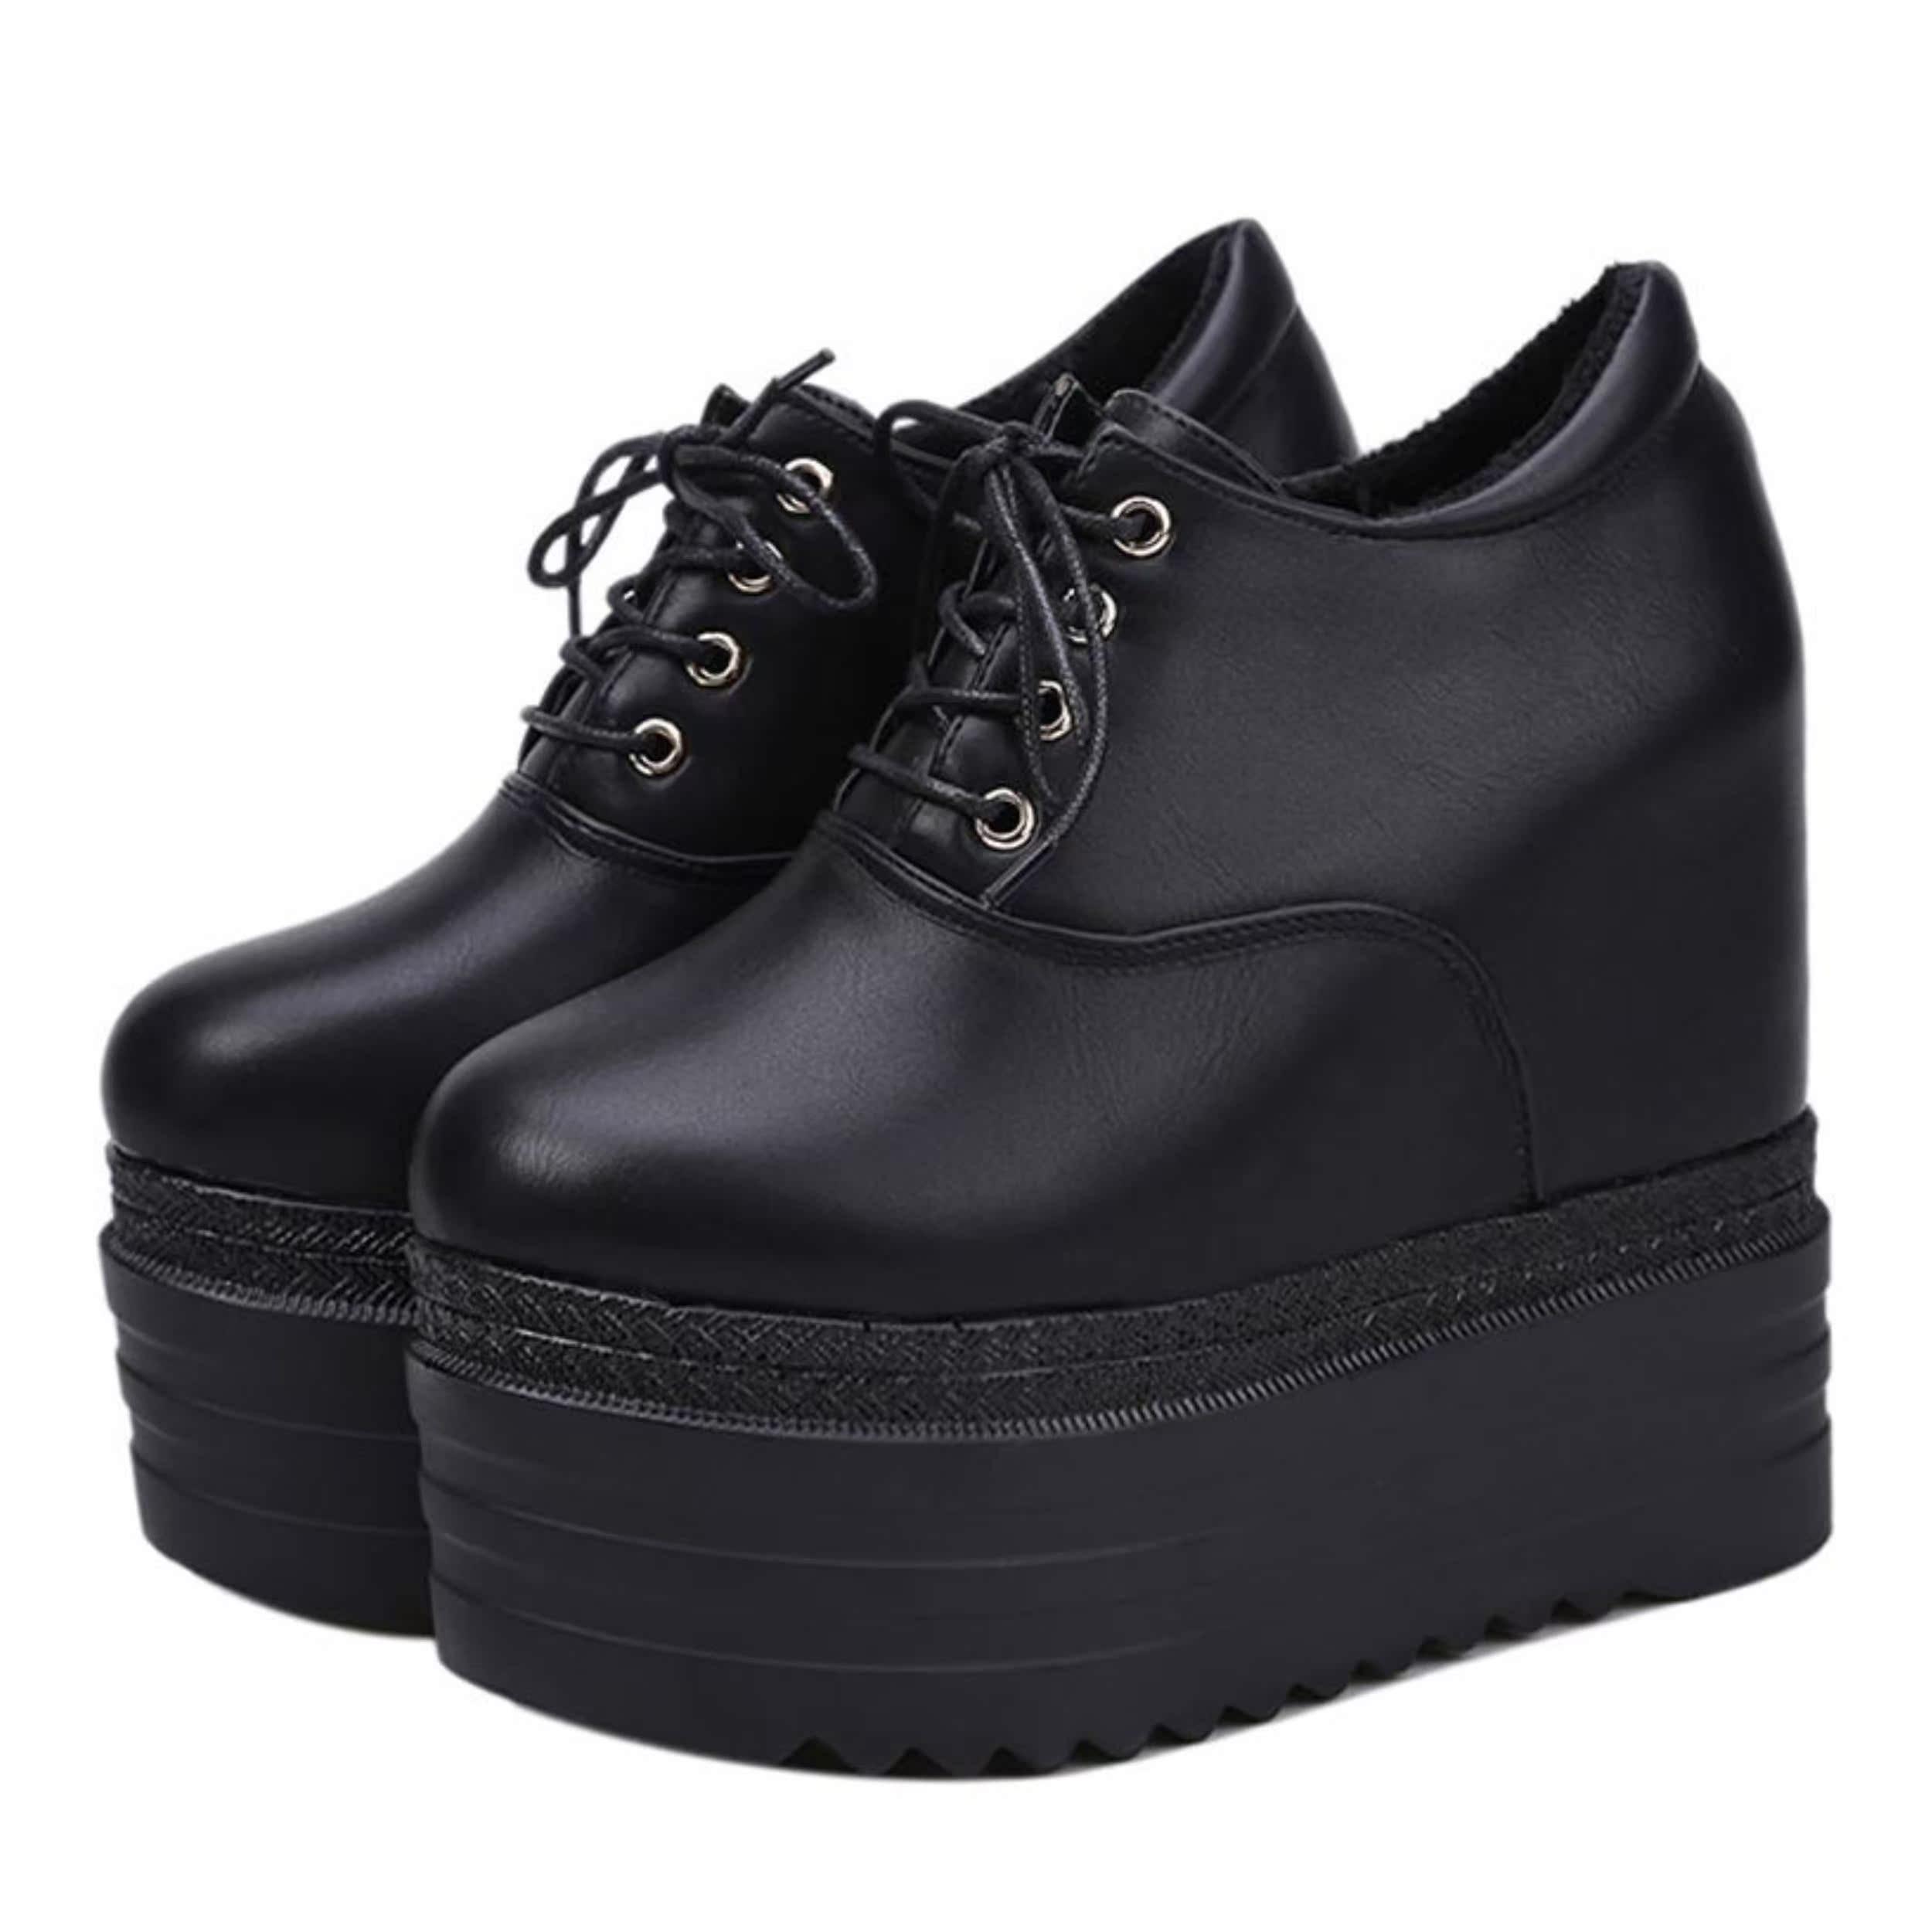 超高跟鞋坡跟17cm